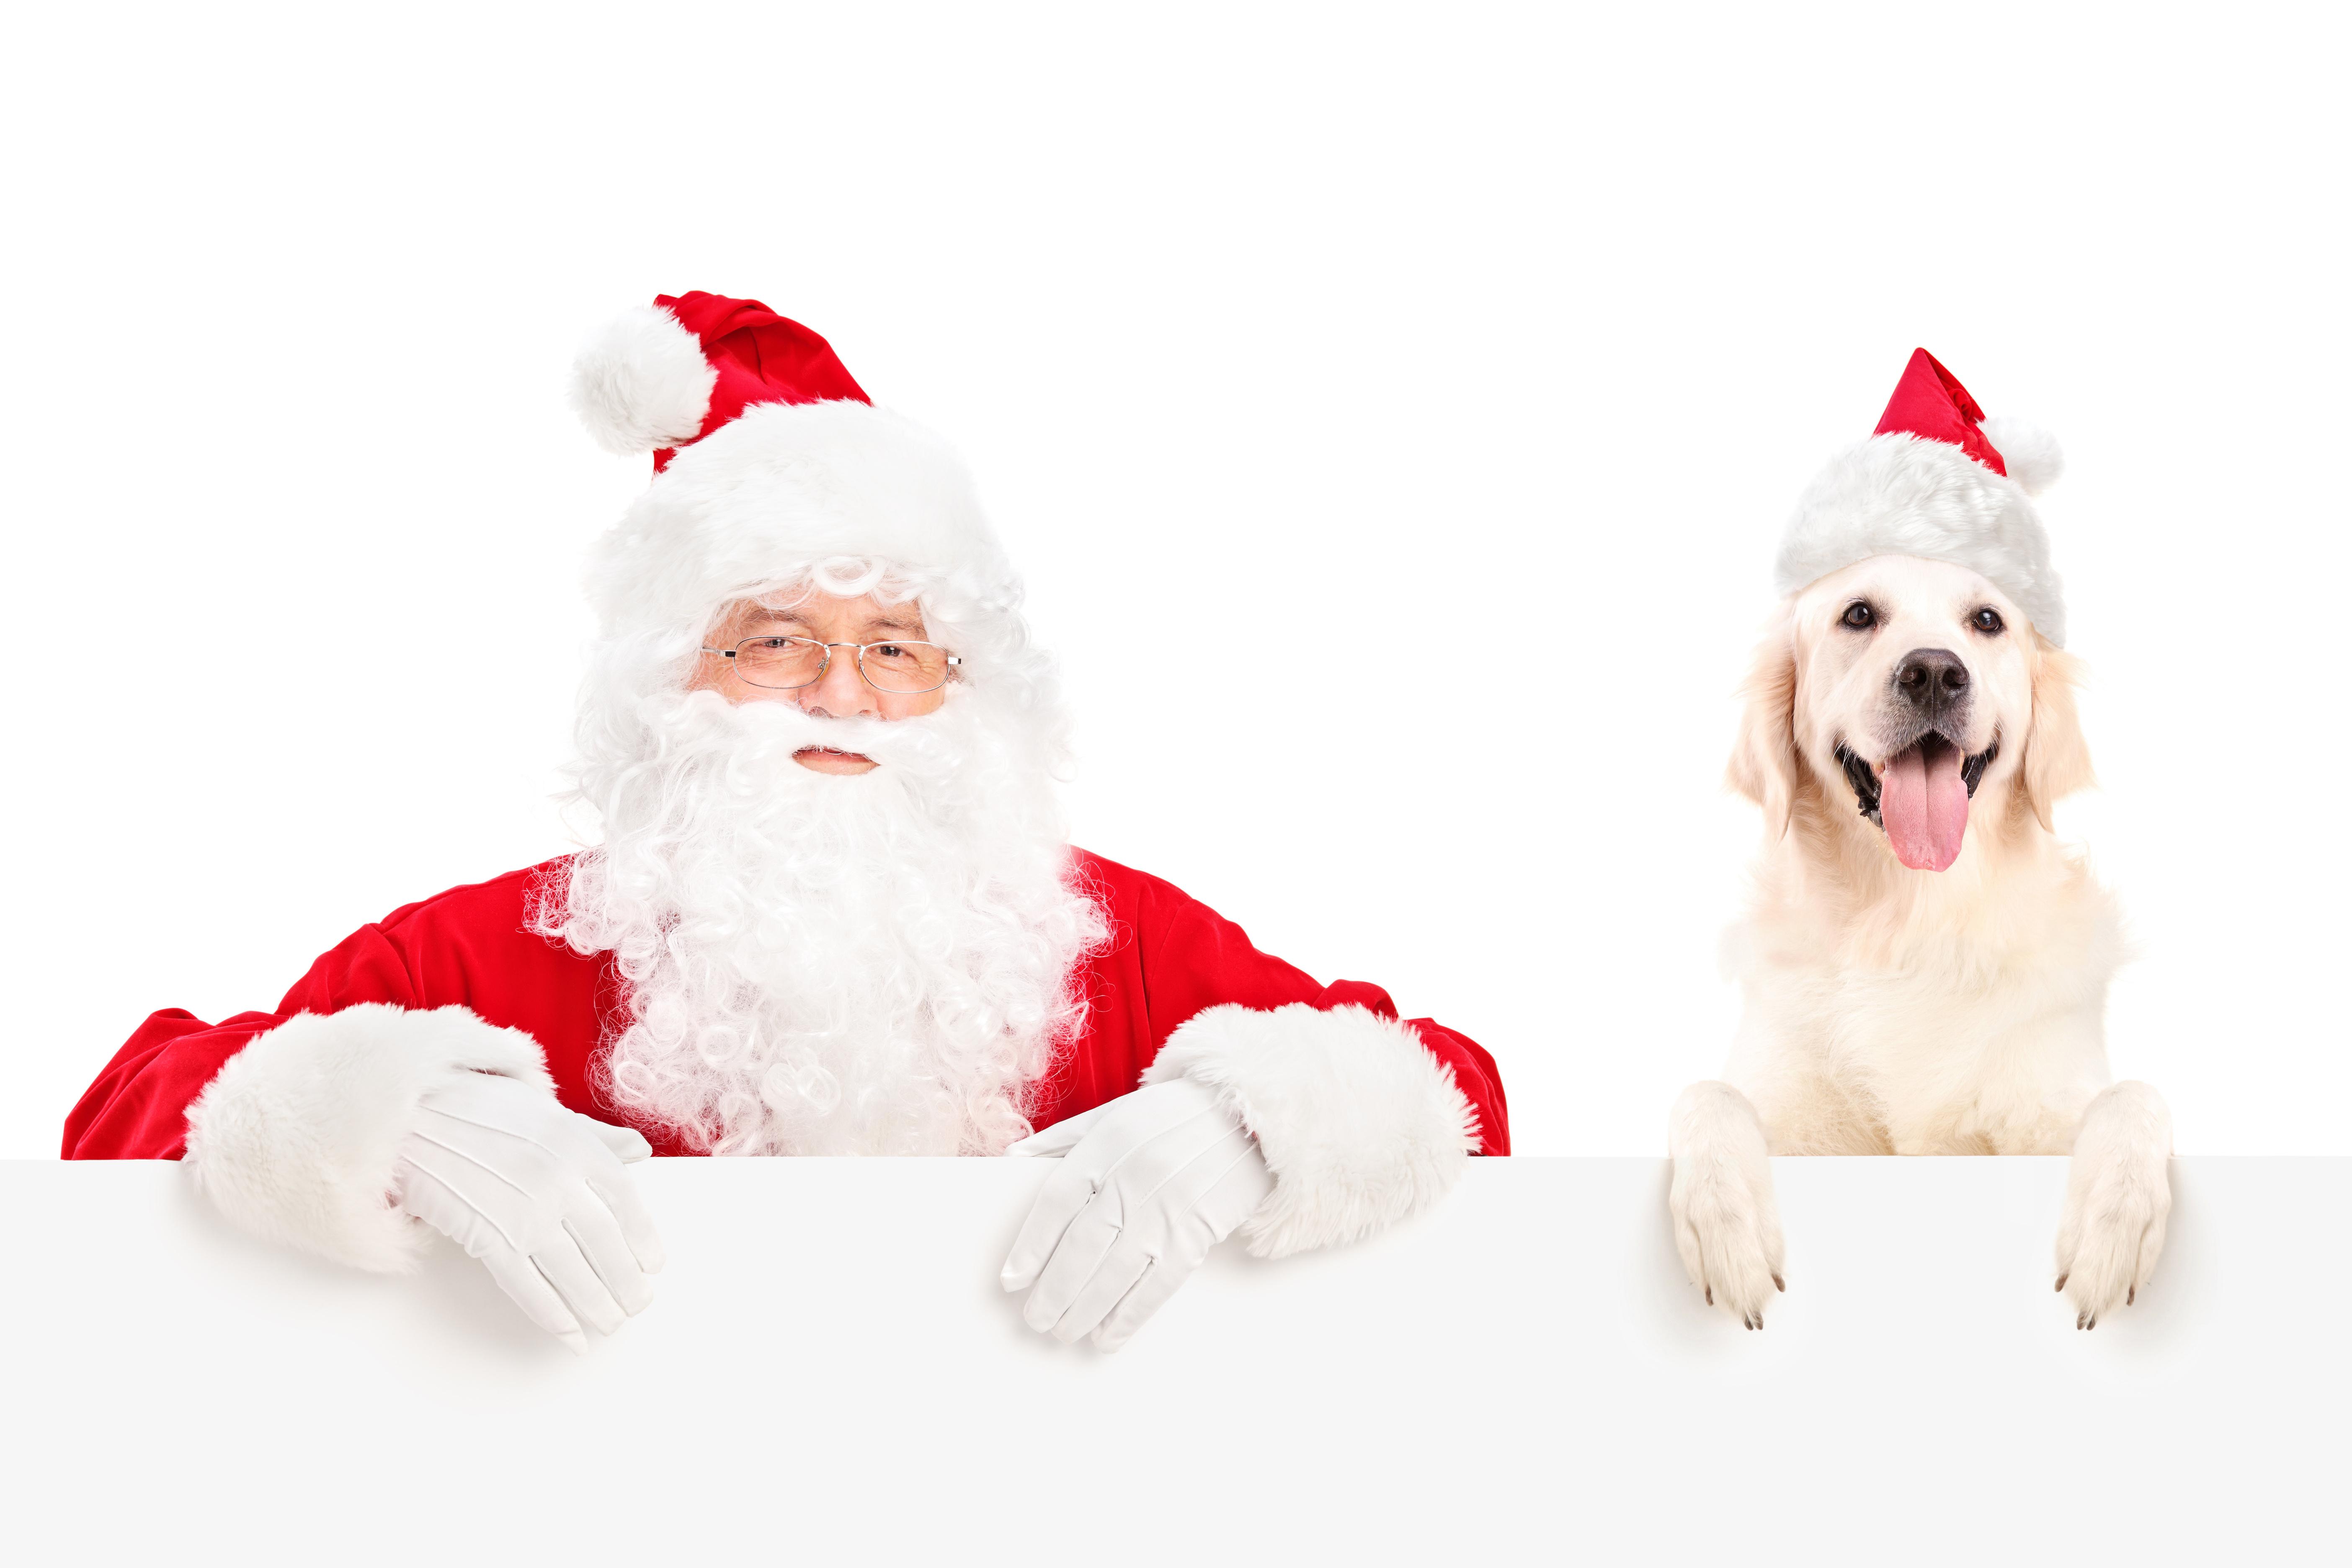 Санта-Клаус  № 967482 бесплатно